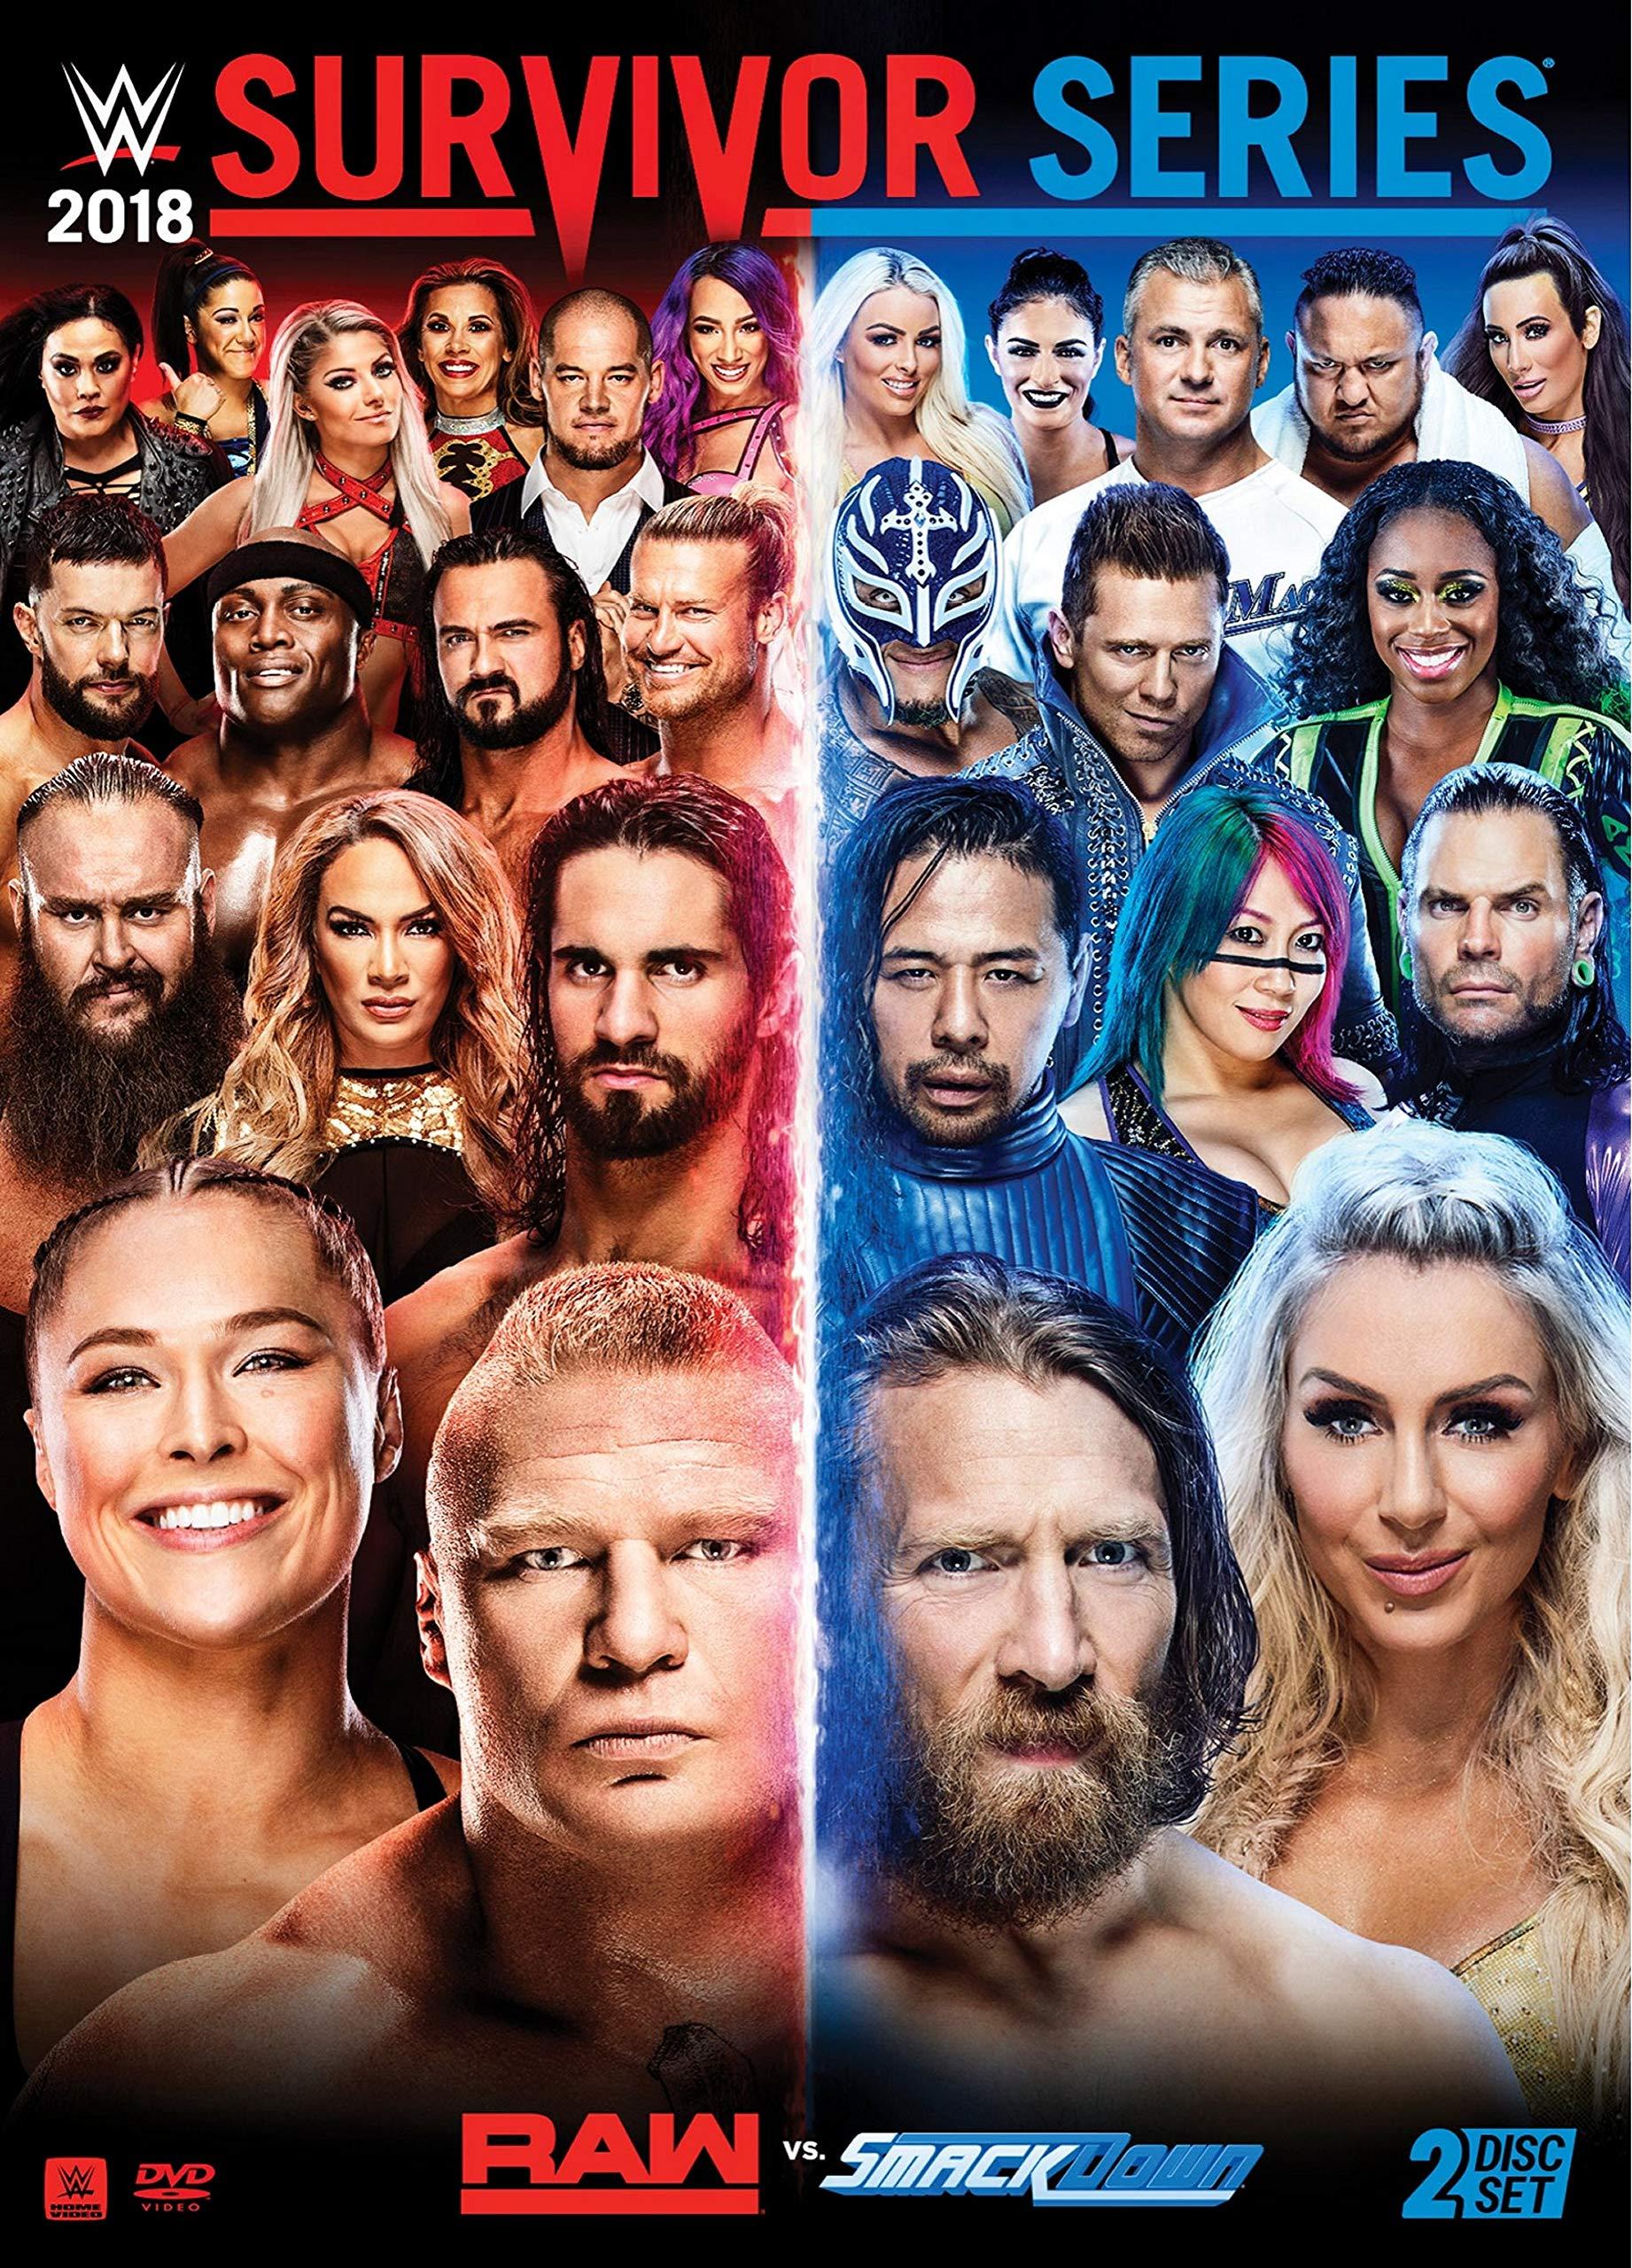 DVD : Wwe: Survivor Series 2018 (Amaray Case, 2 Pack)